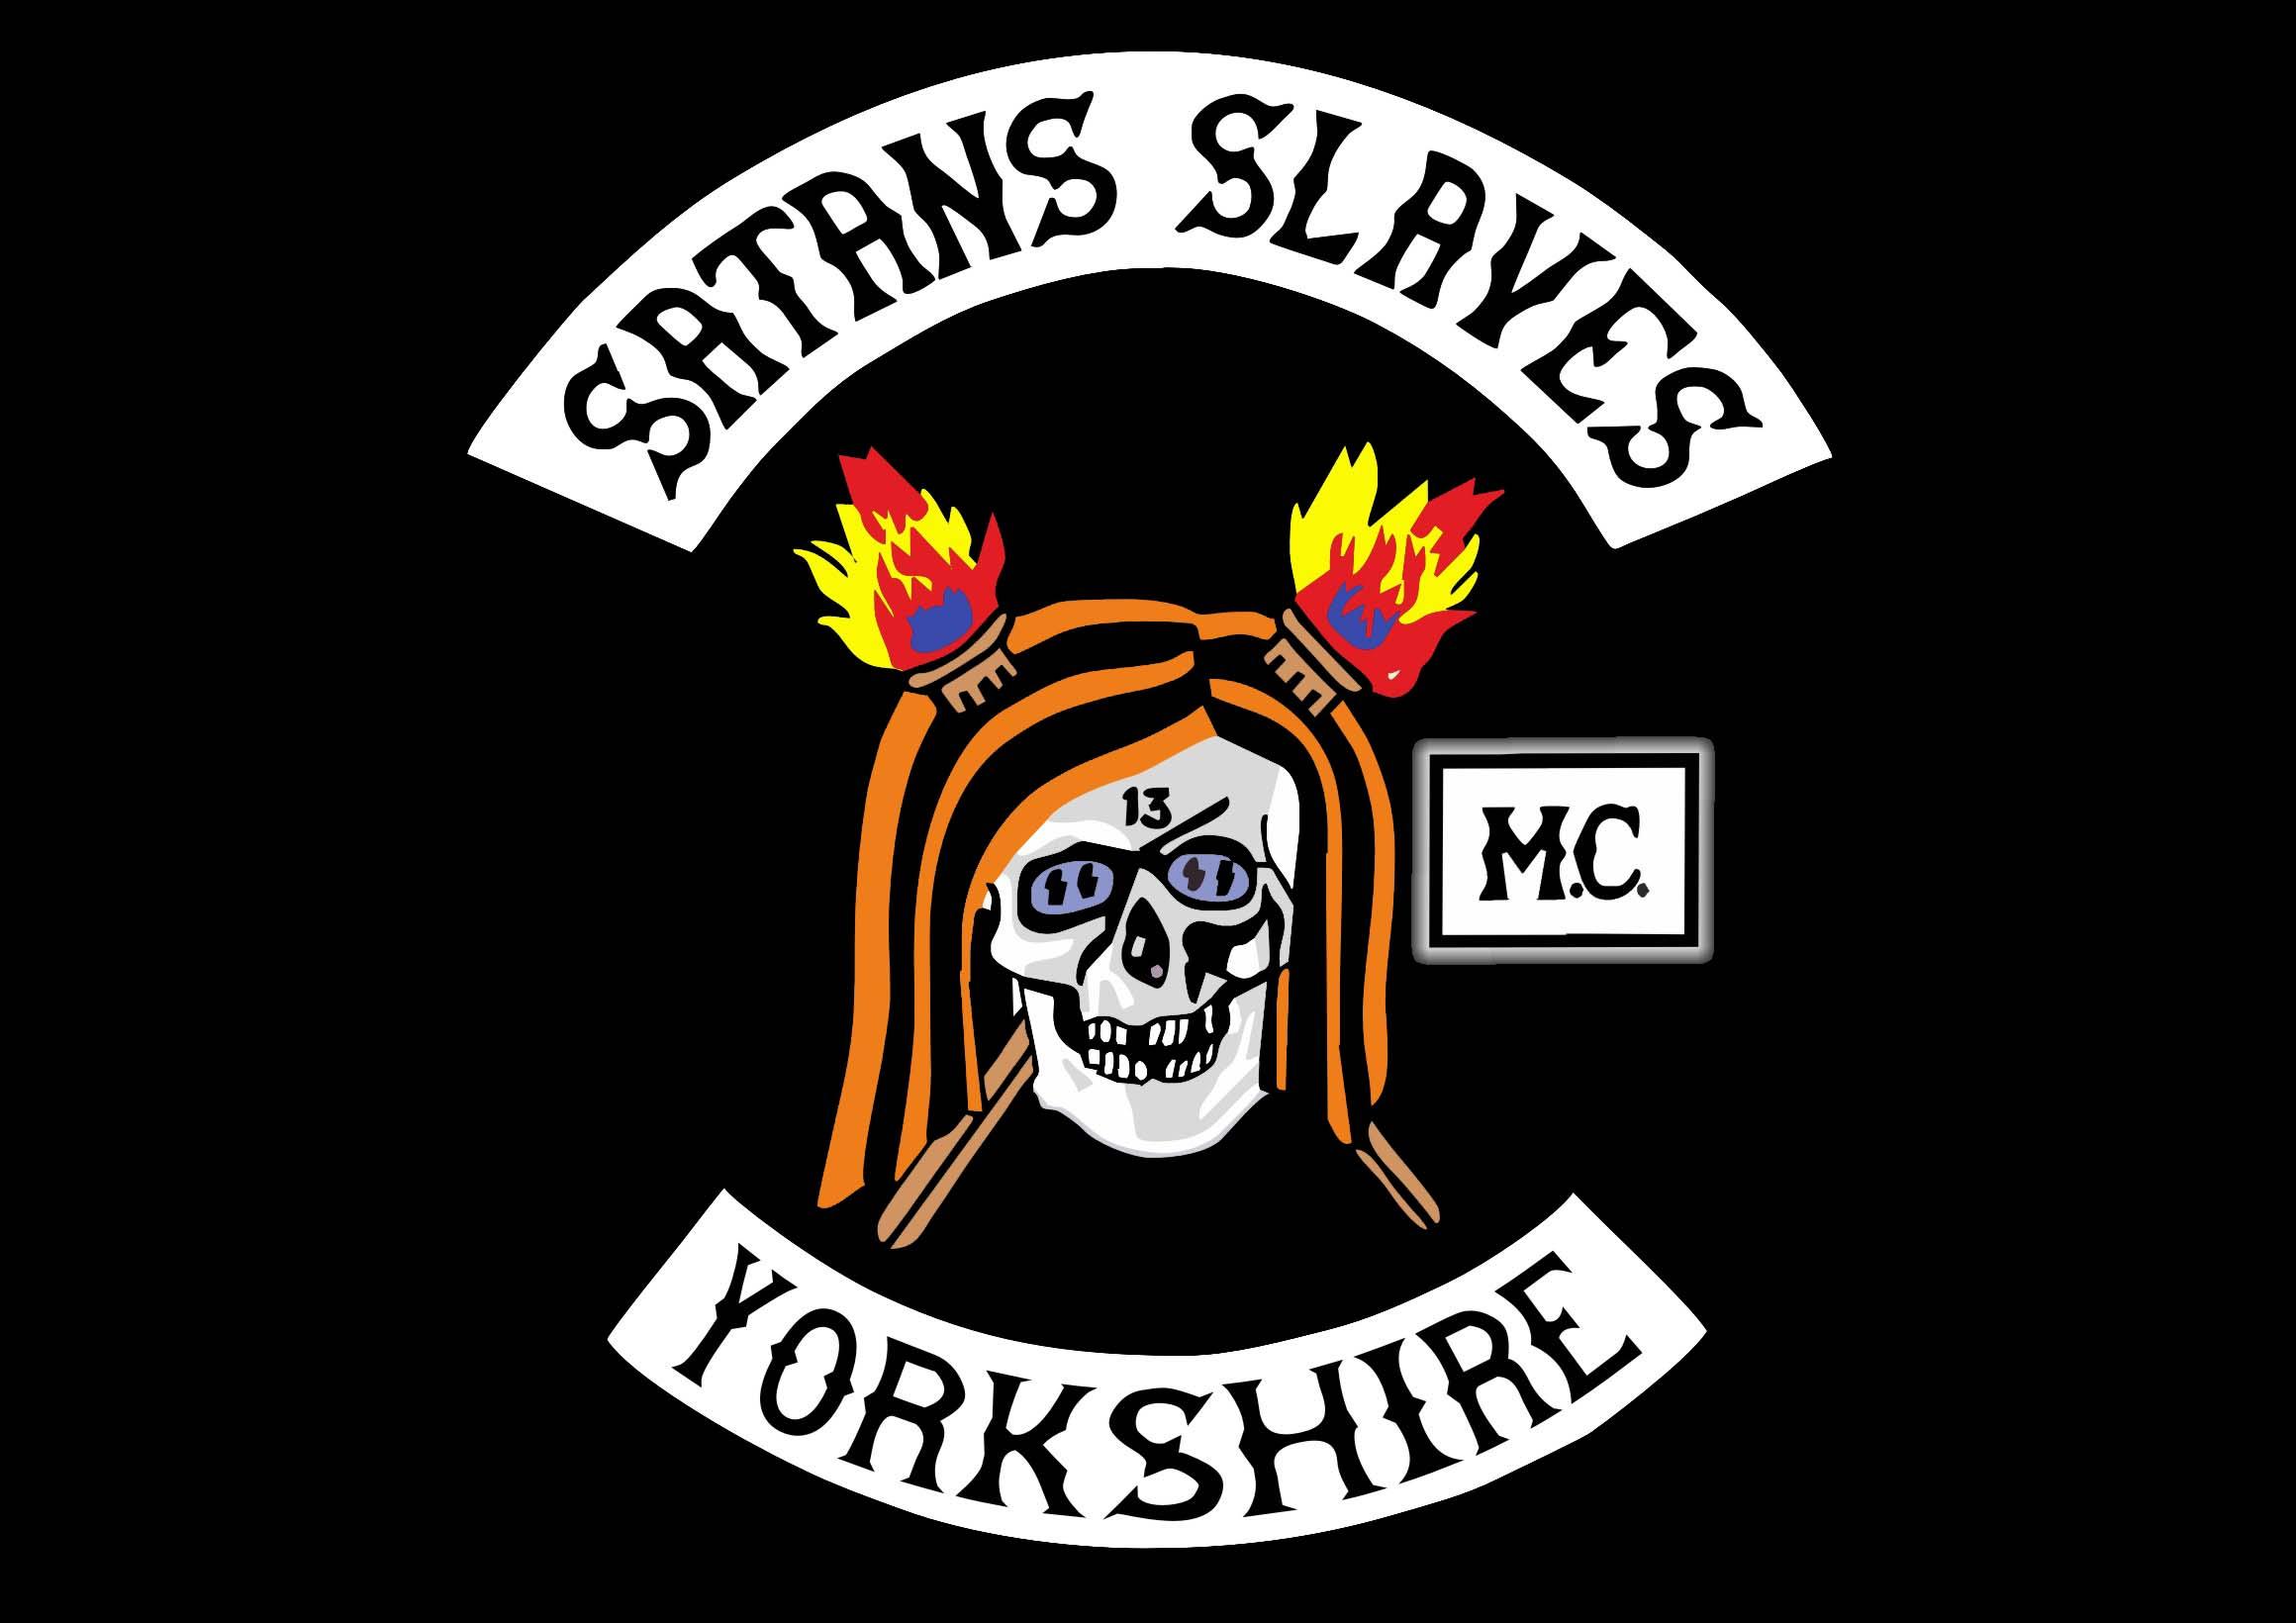 SSMC - Yorkshire